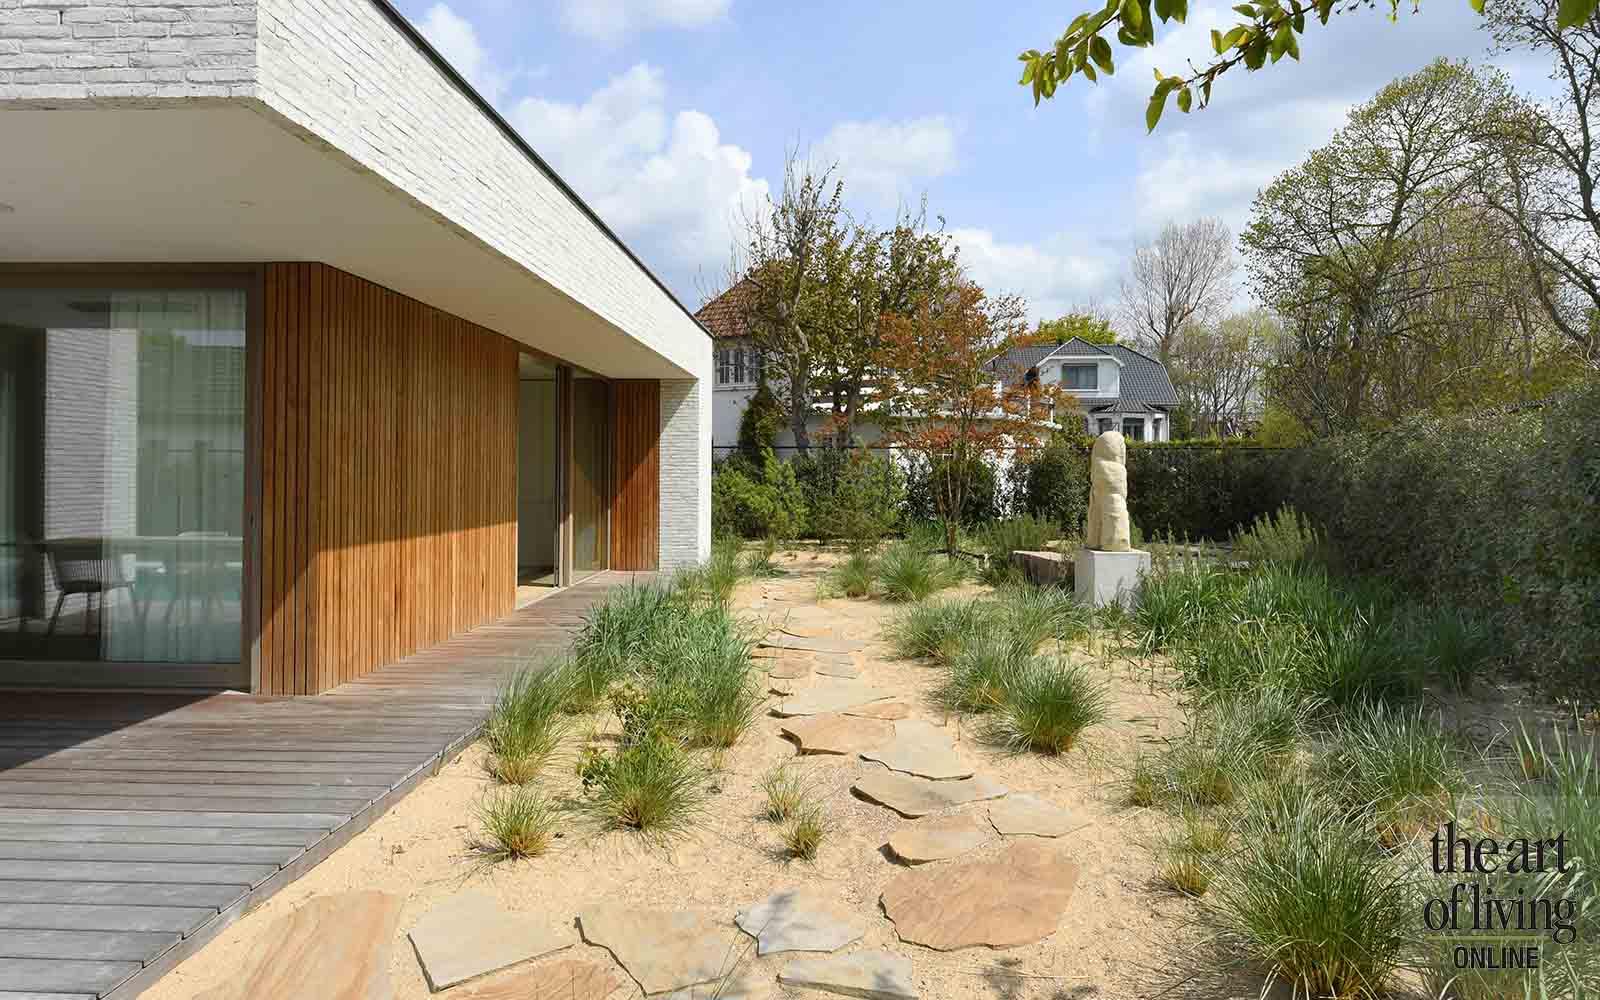 wonen aan zee   PVL Architecten, the art of living